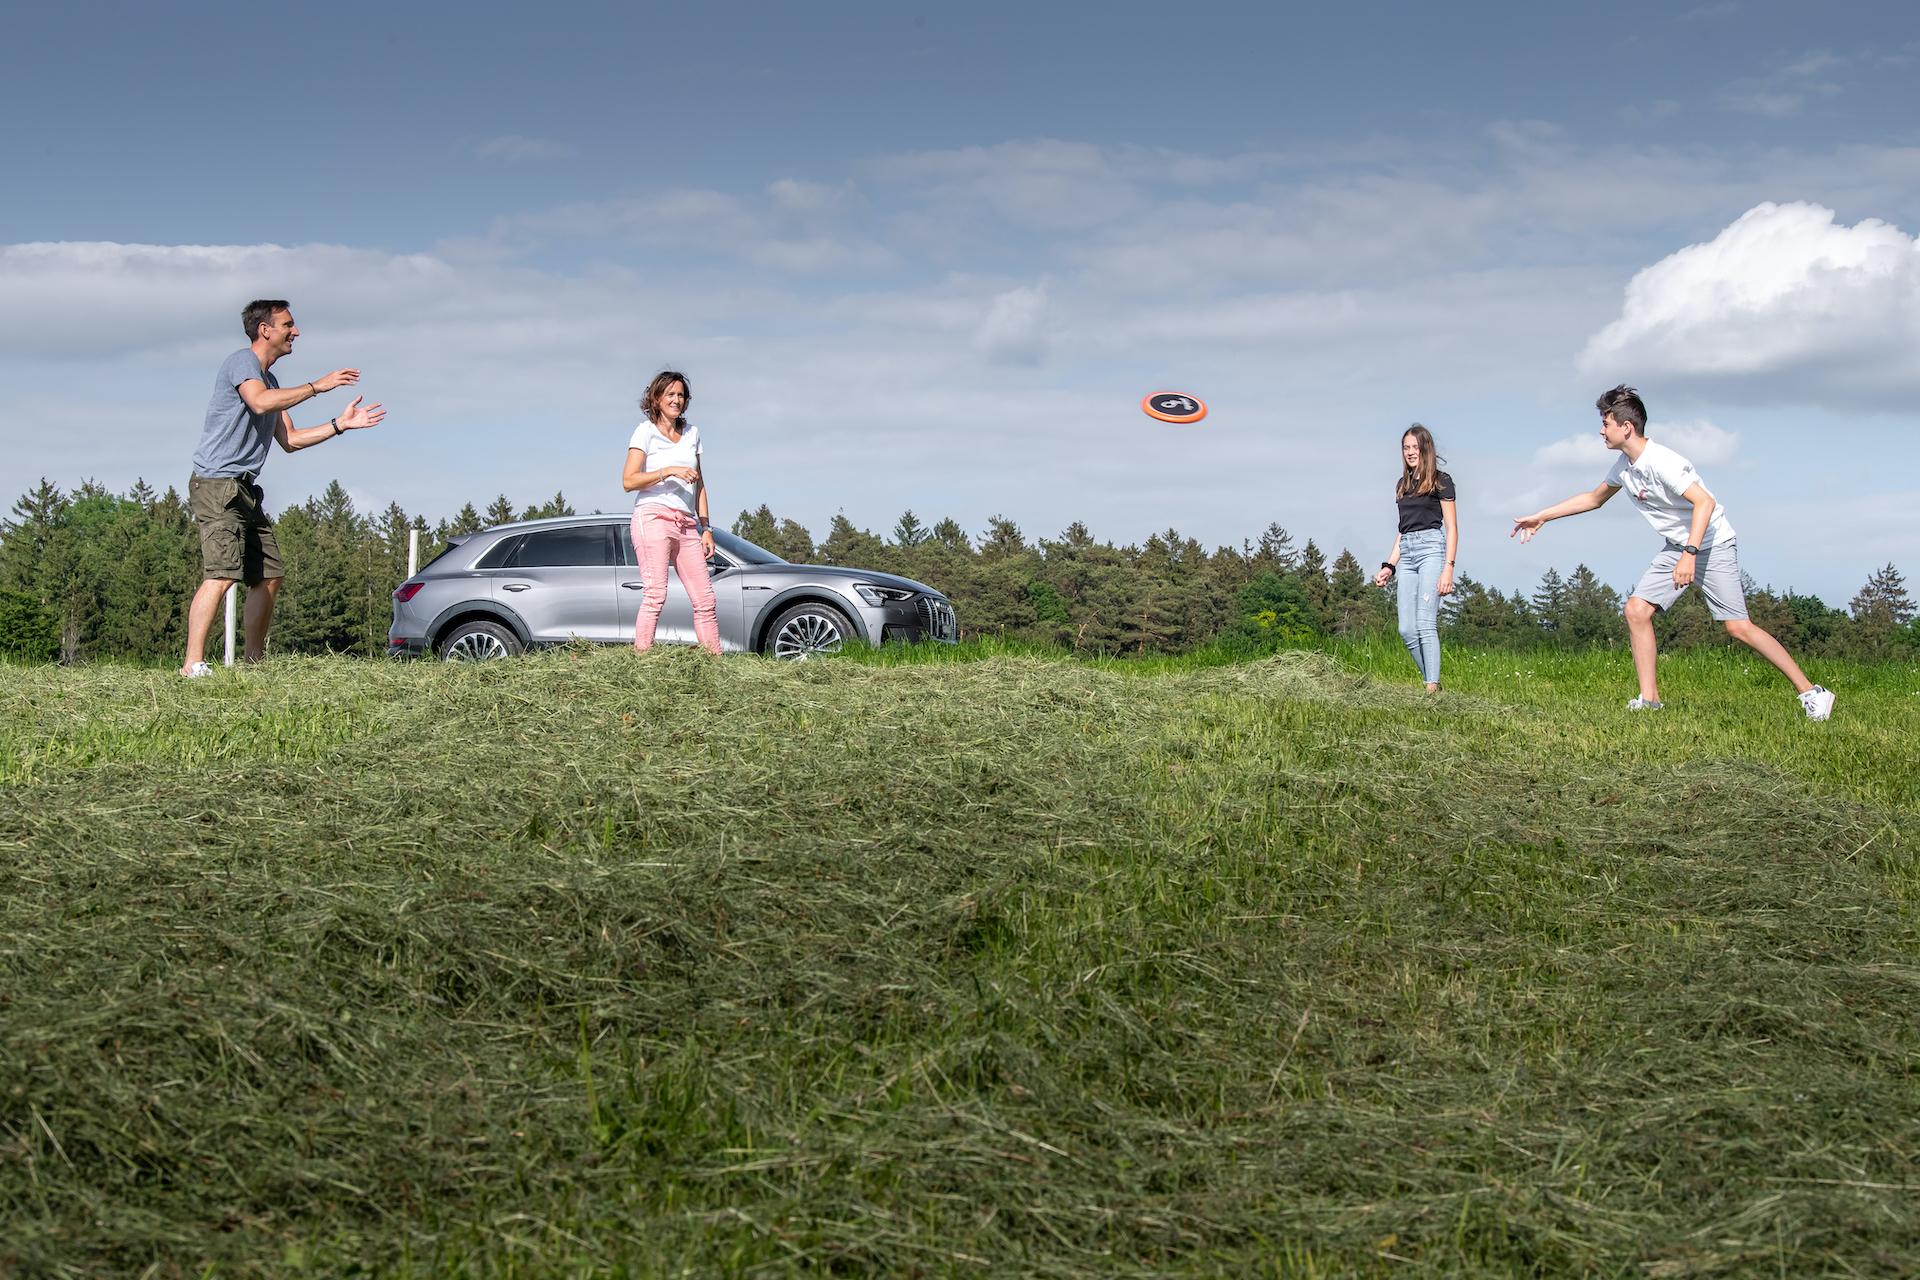 La famille Mandioni: Nadir, Nicole, Vanessa et Alessio. (Tom Lüthi)